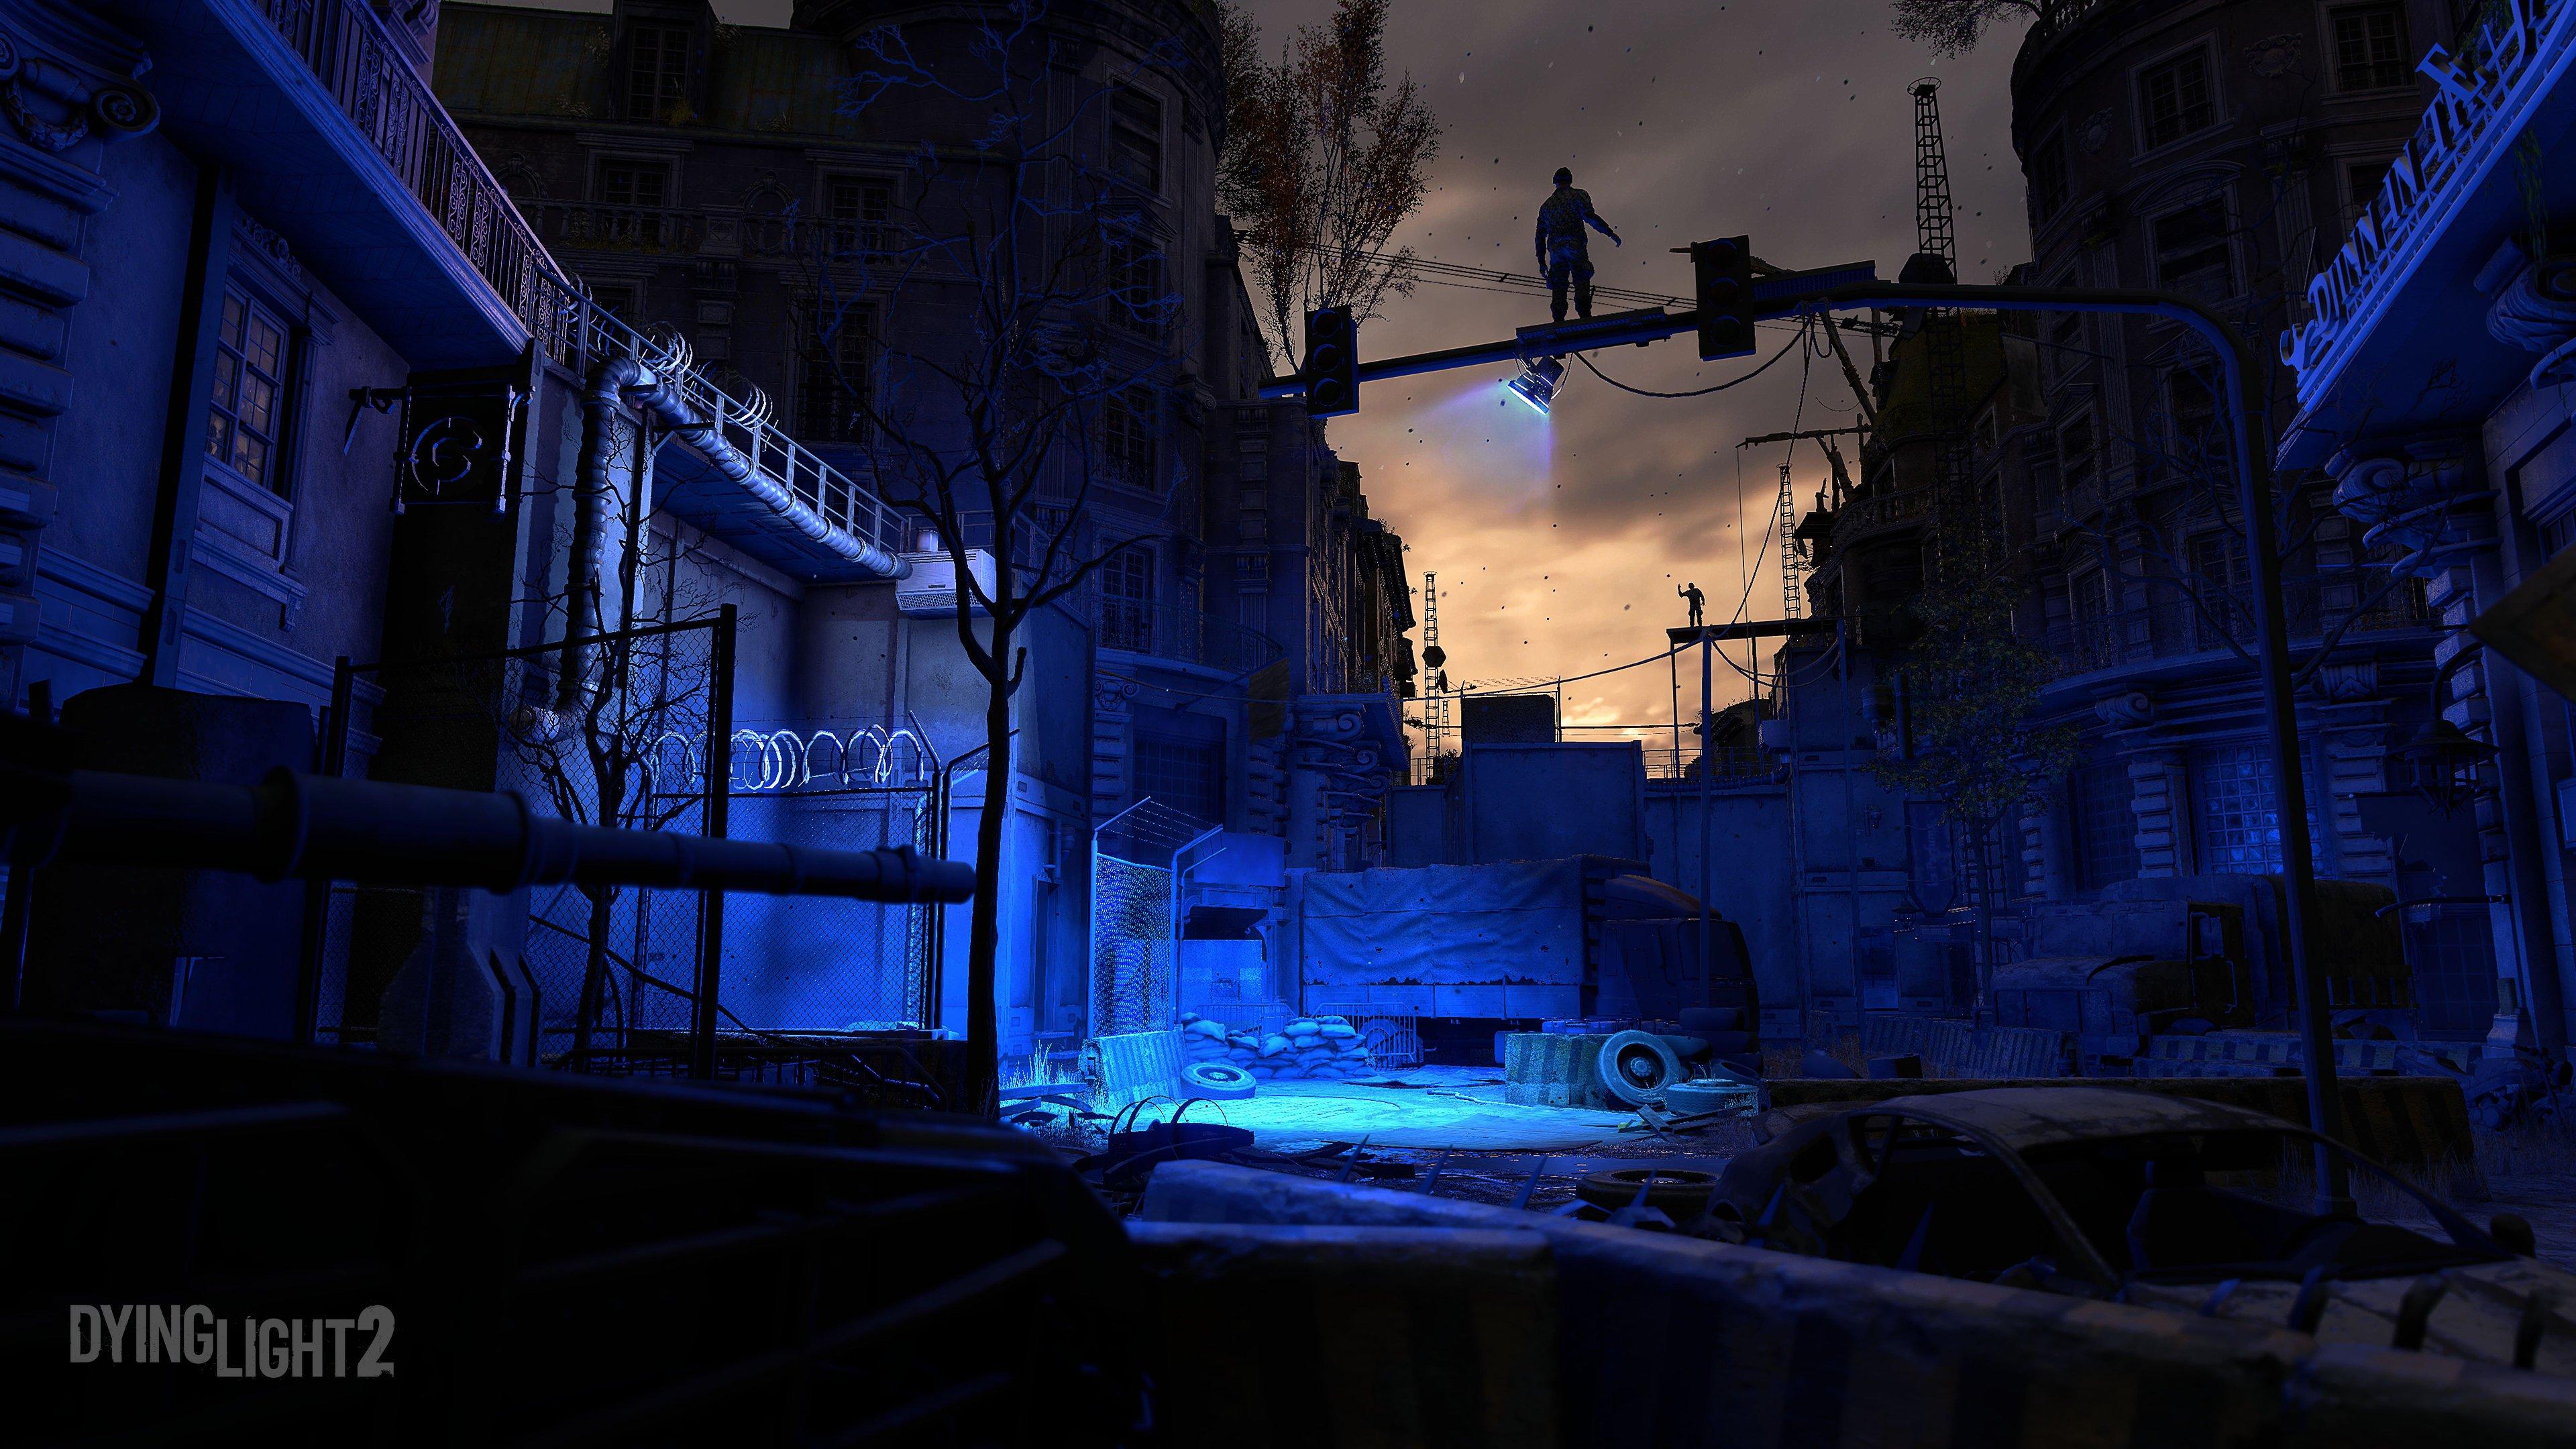 Dying Light 2 nuit bleutée